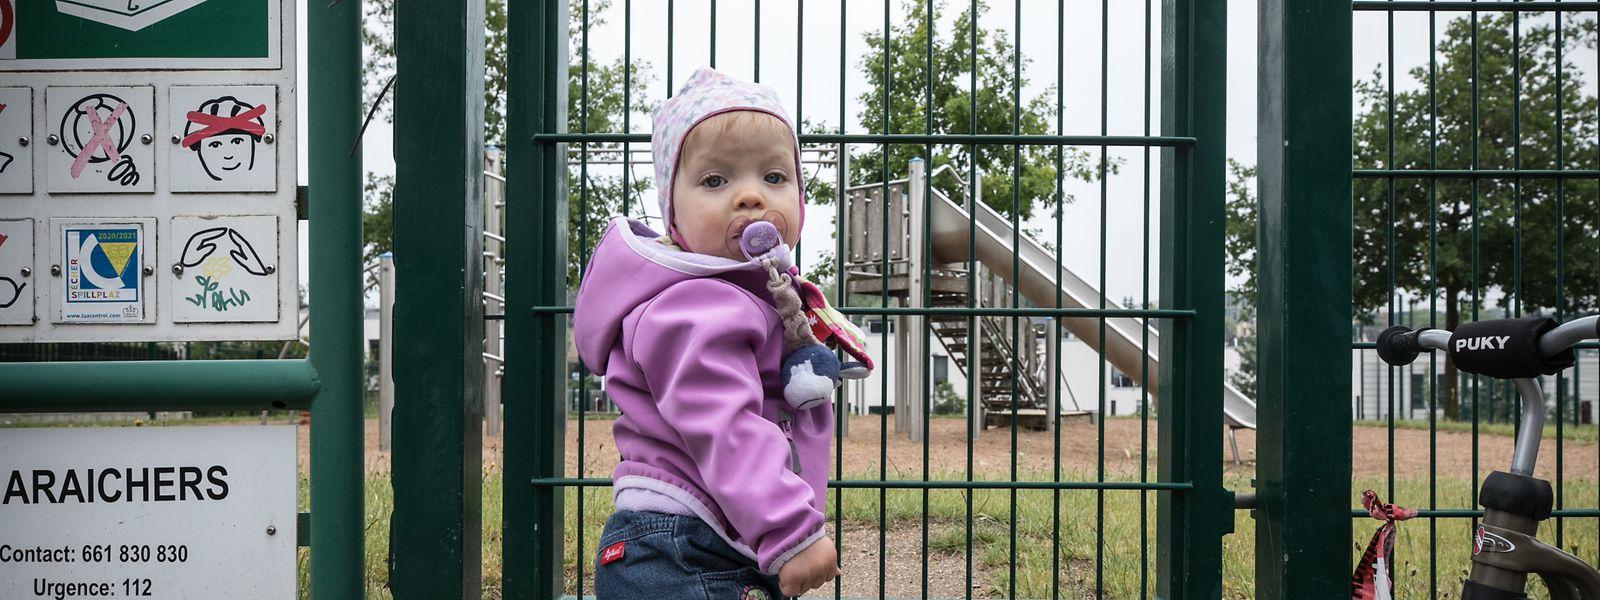 Die Spielplätze des Landes sind seit dem 18. März verwaist. Bei den Eltern wächst der Unmut über die Schließung. Über eine schnelle Öffnung soll am Freitag der Ministerrat entscheiden.